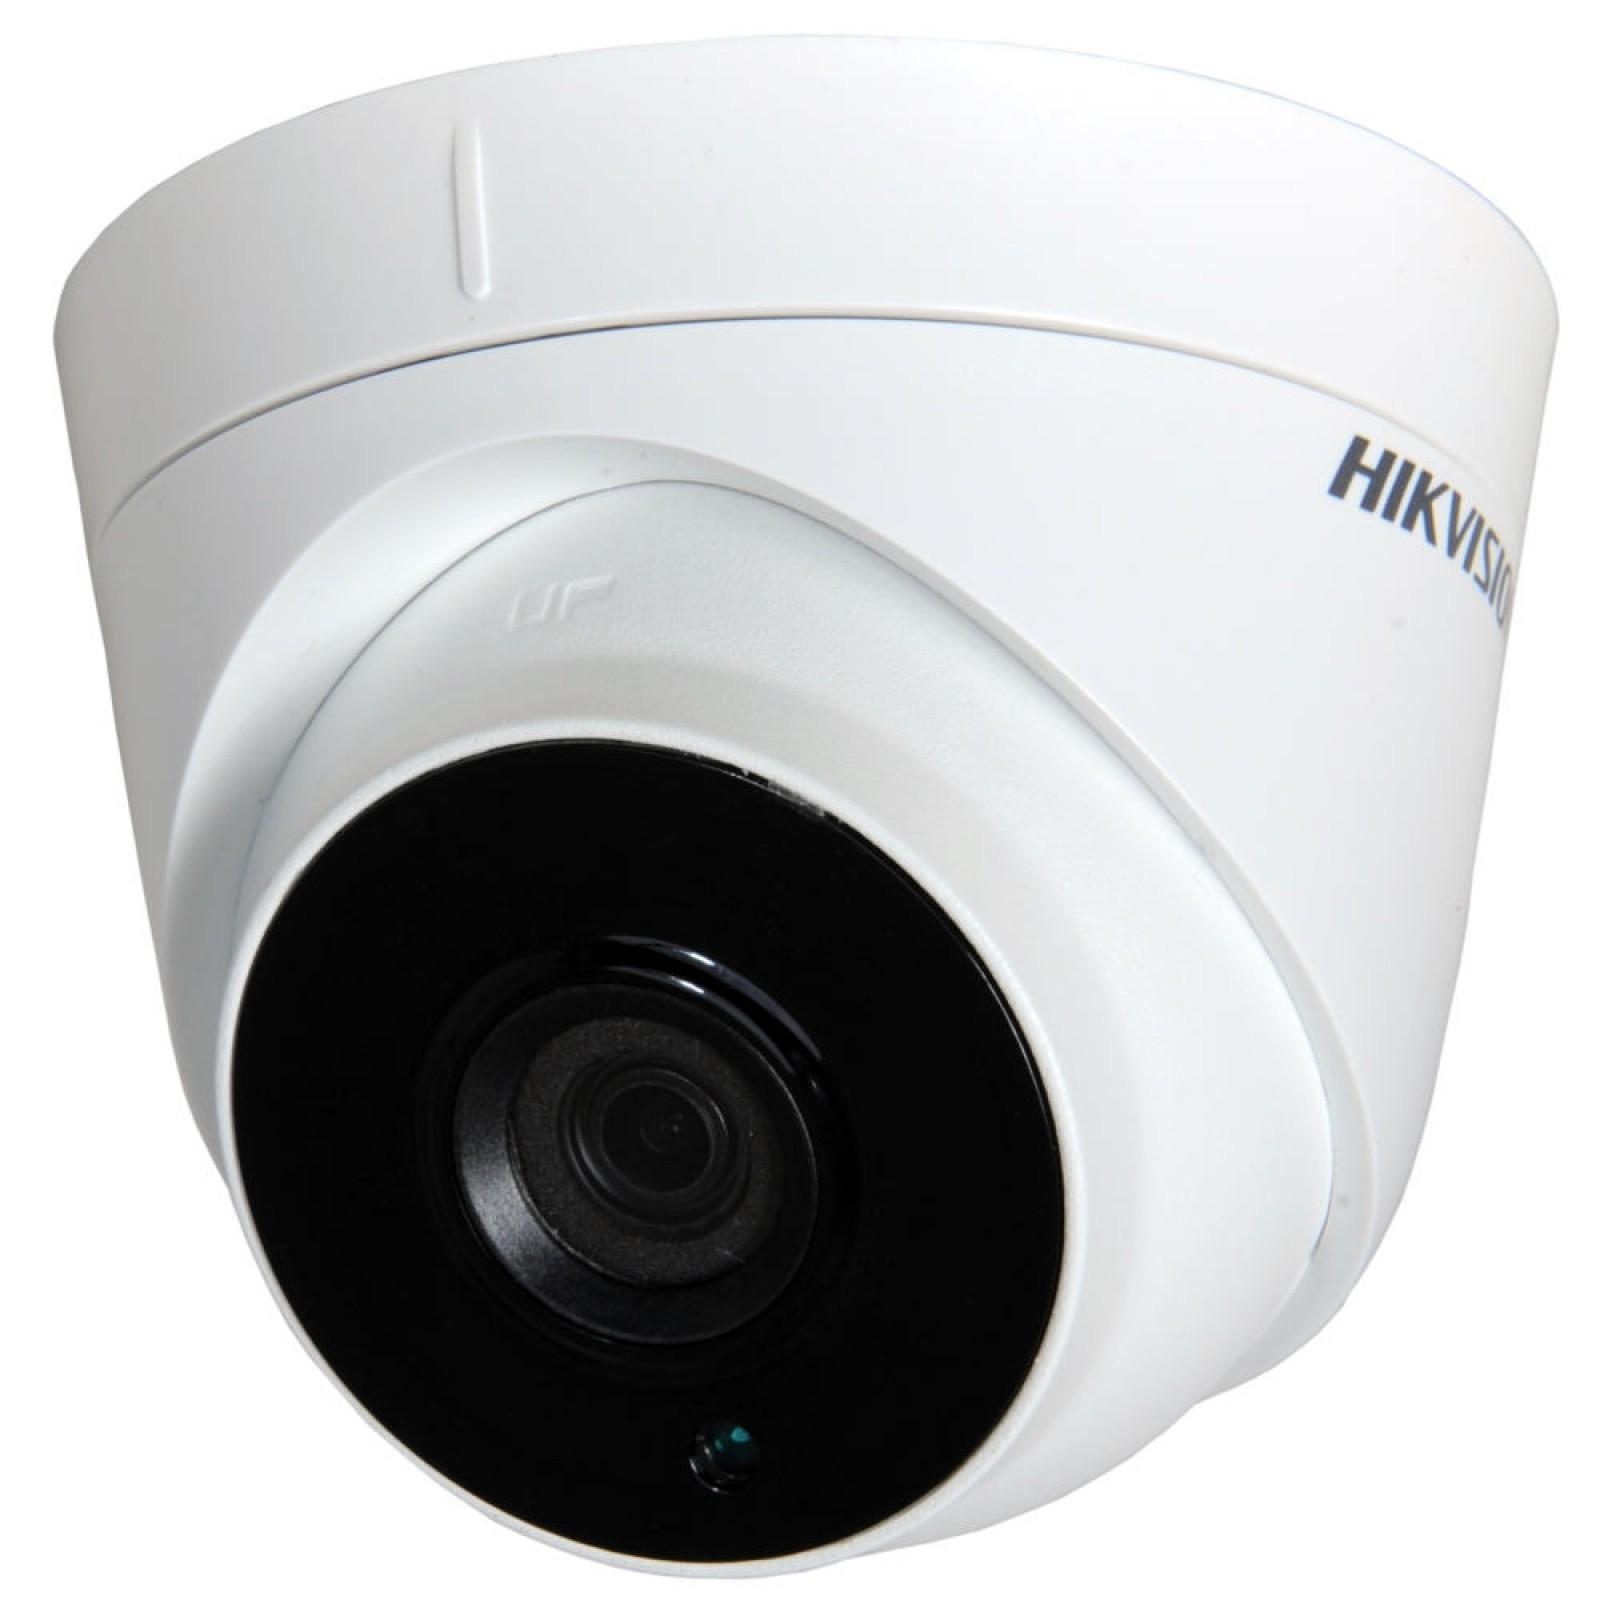 Εικόνα της DS-2CE56H0T-ITPF 2.8mm 5MP Plastic Exir Dome